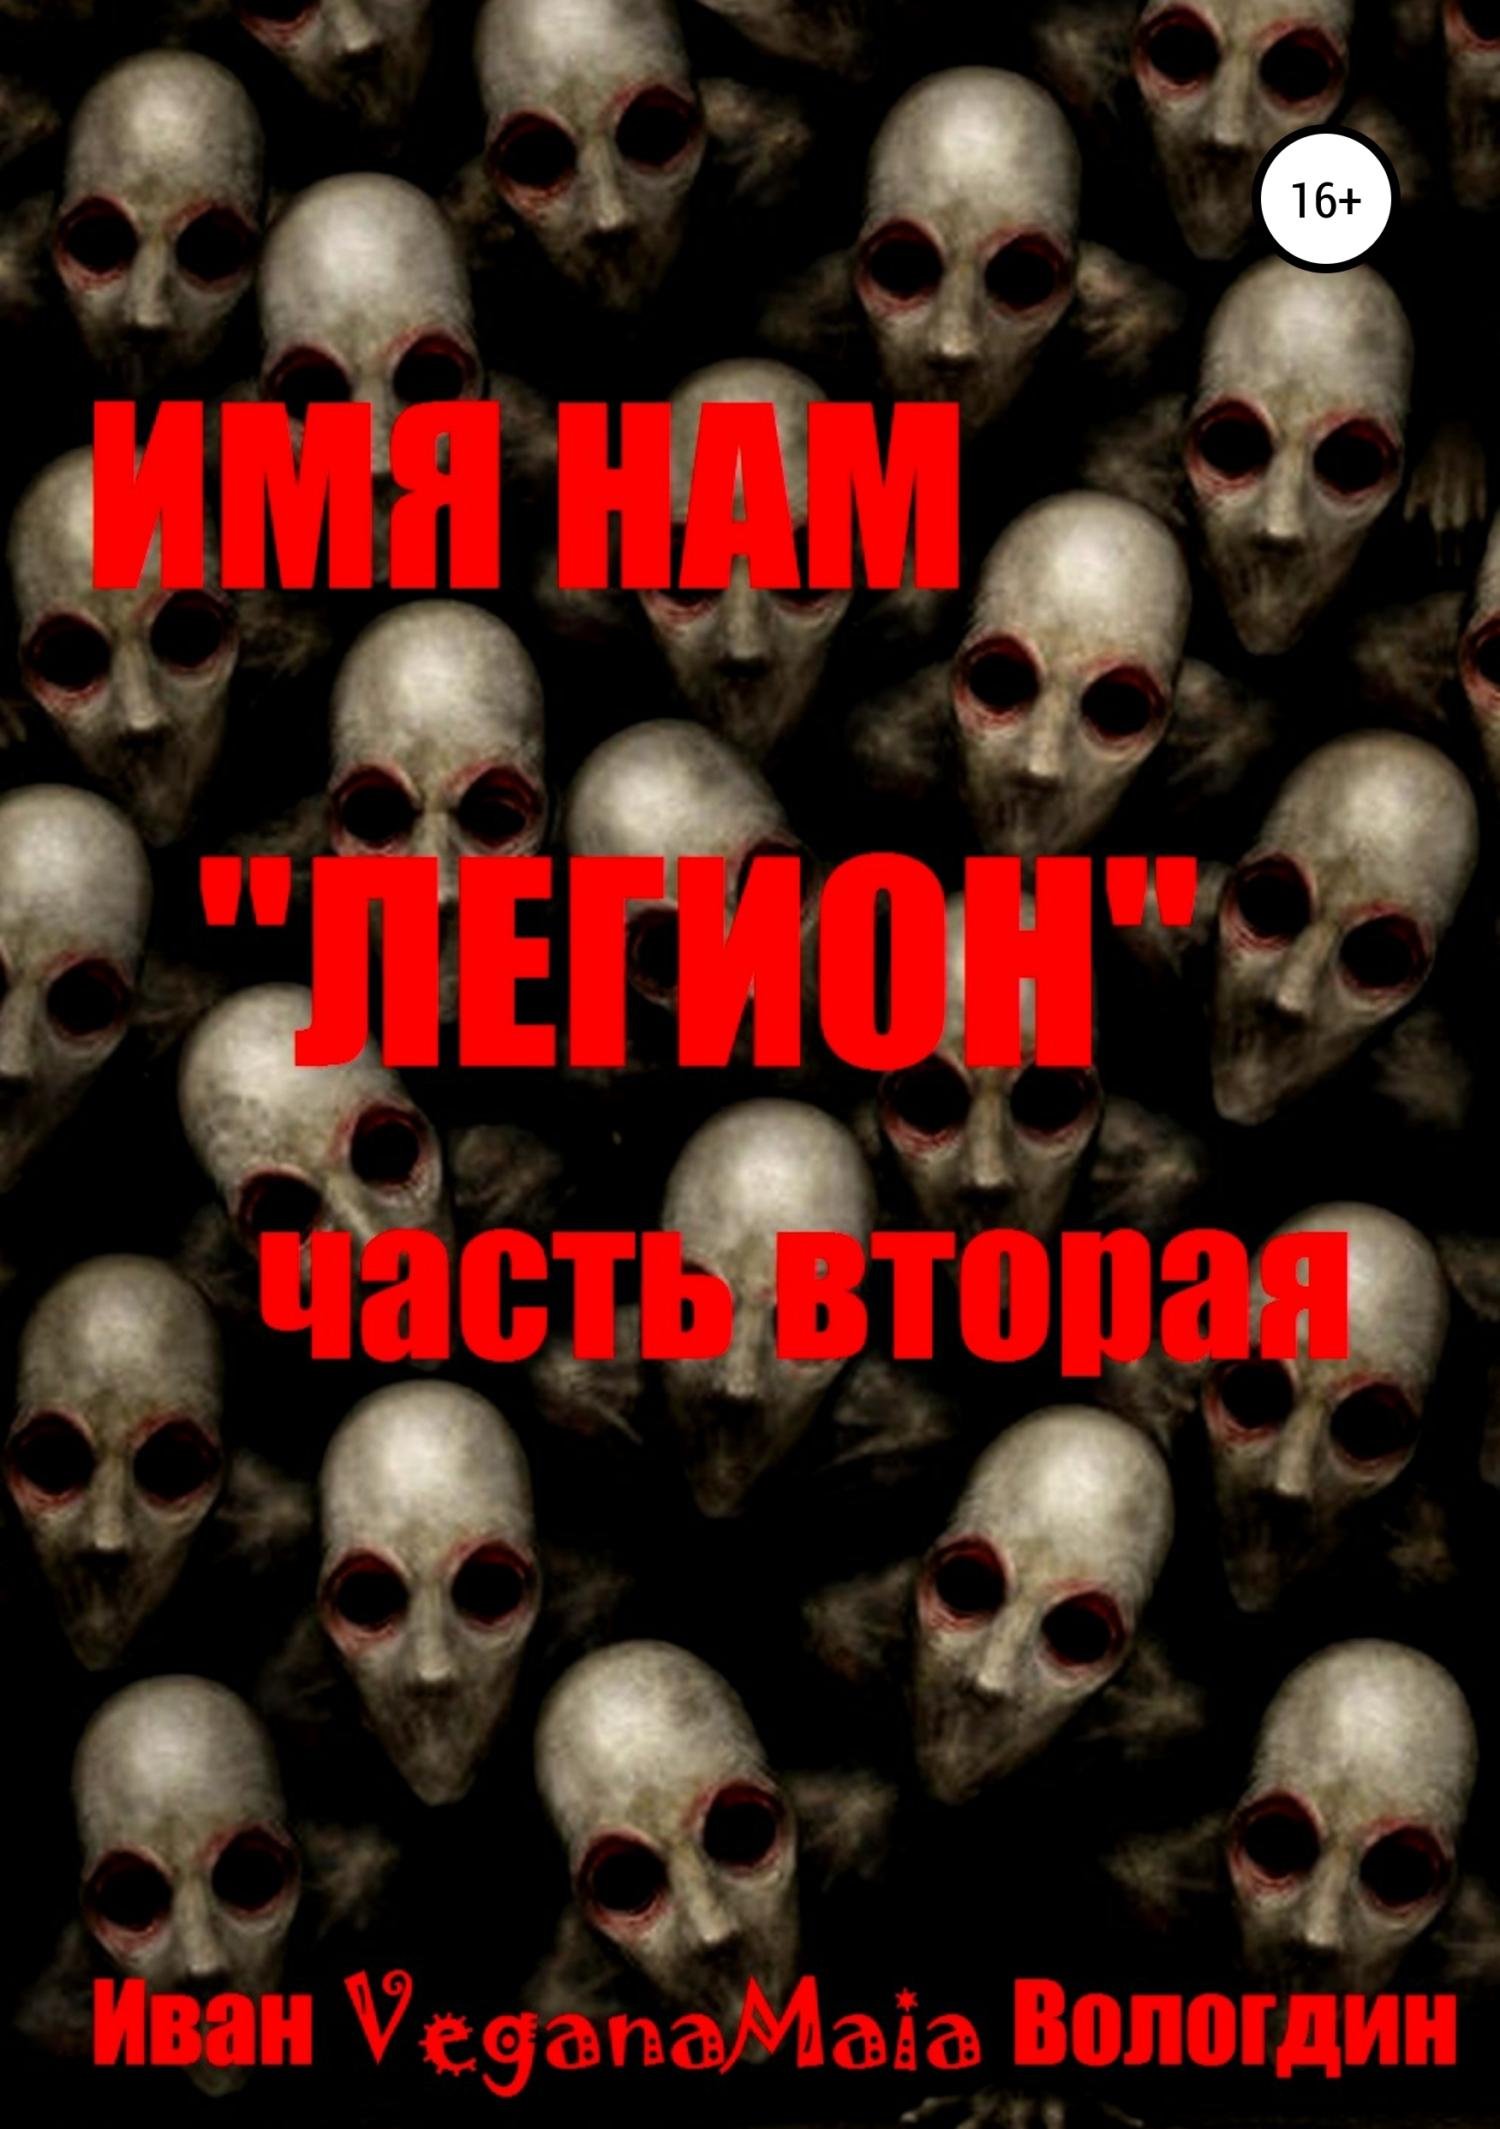 Иван VeganaMaia Вологдин Имя нам легион. Паранормальный апокалипсис цена